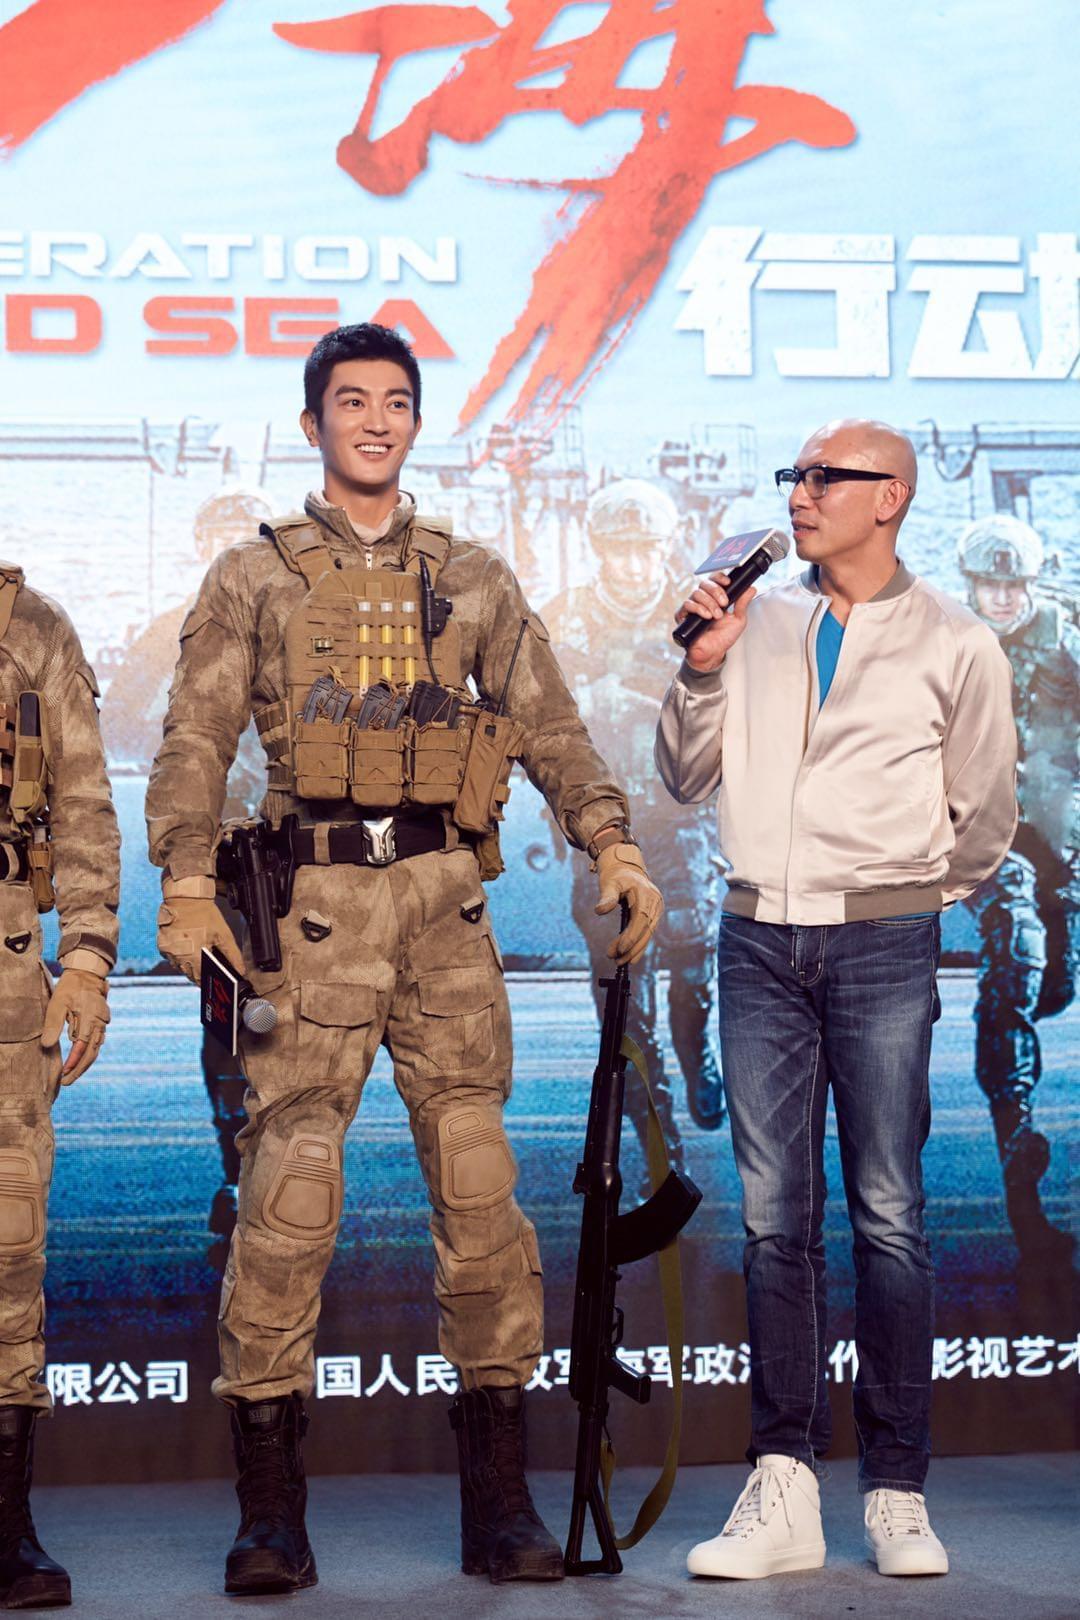 《红海行动》发布会 杜江:林超贤教会我电影不易